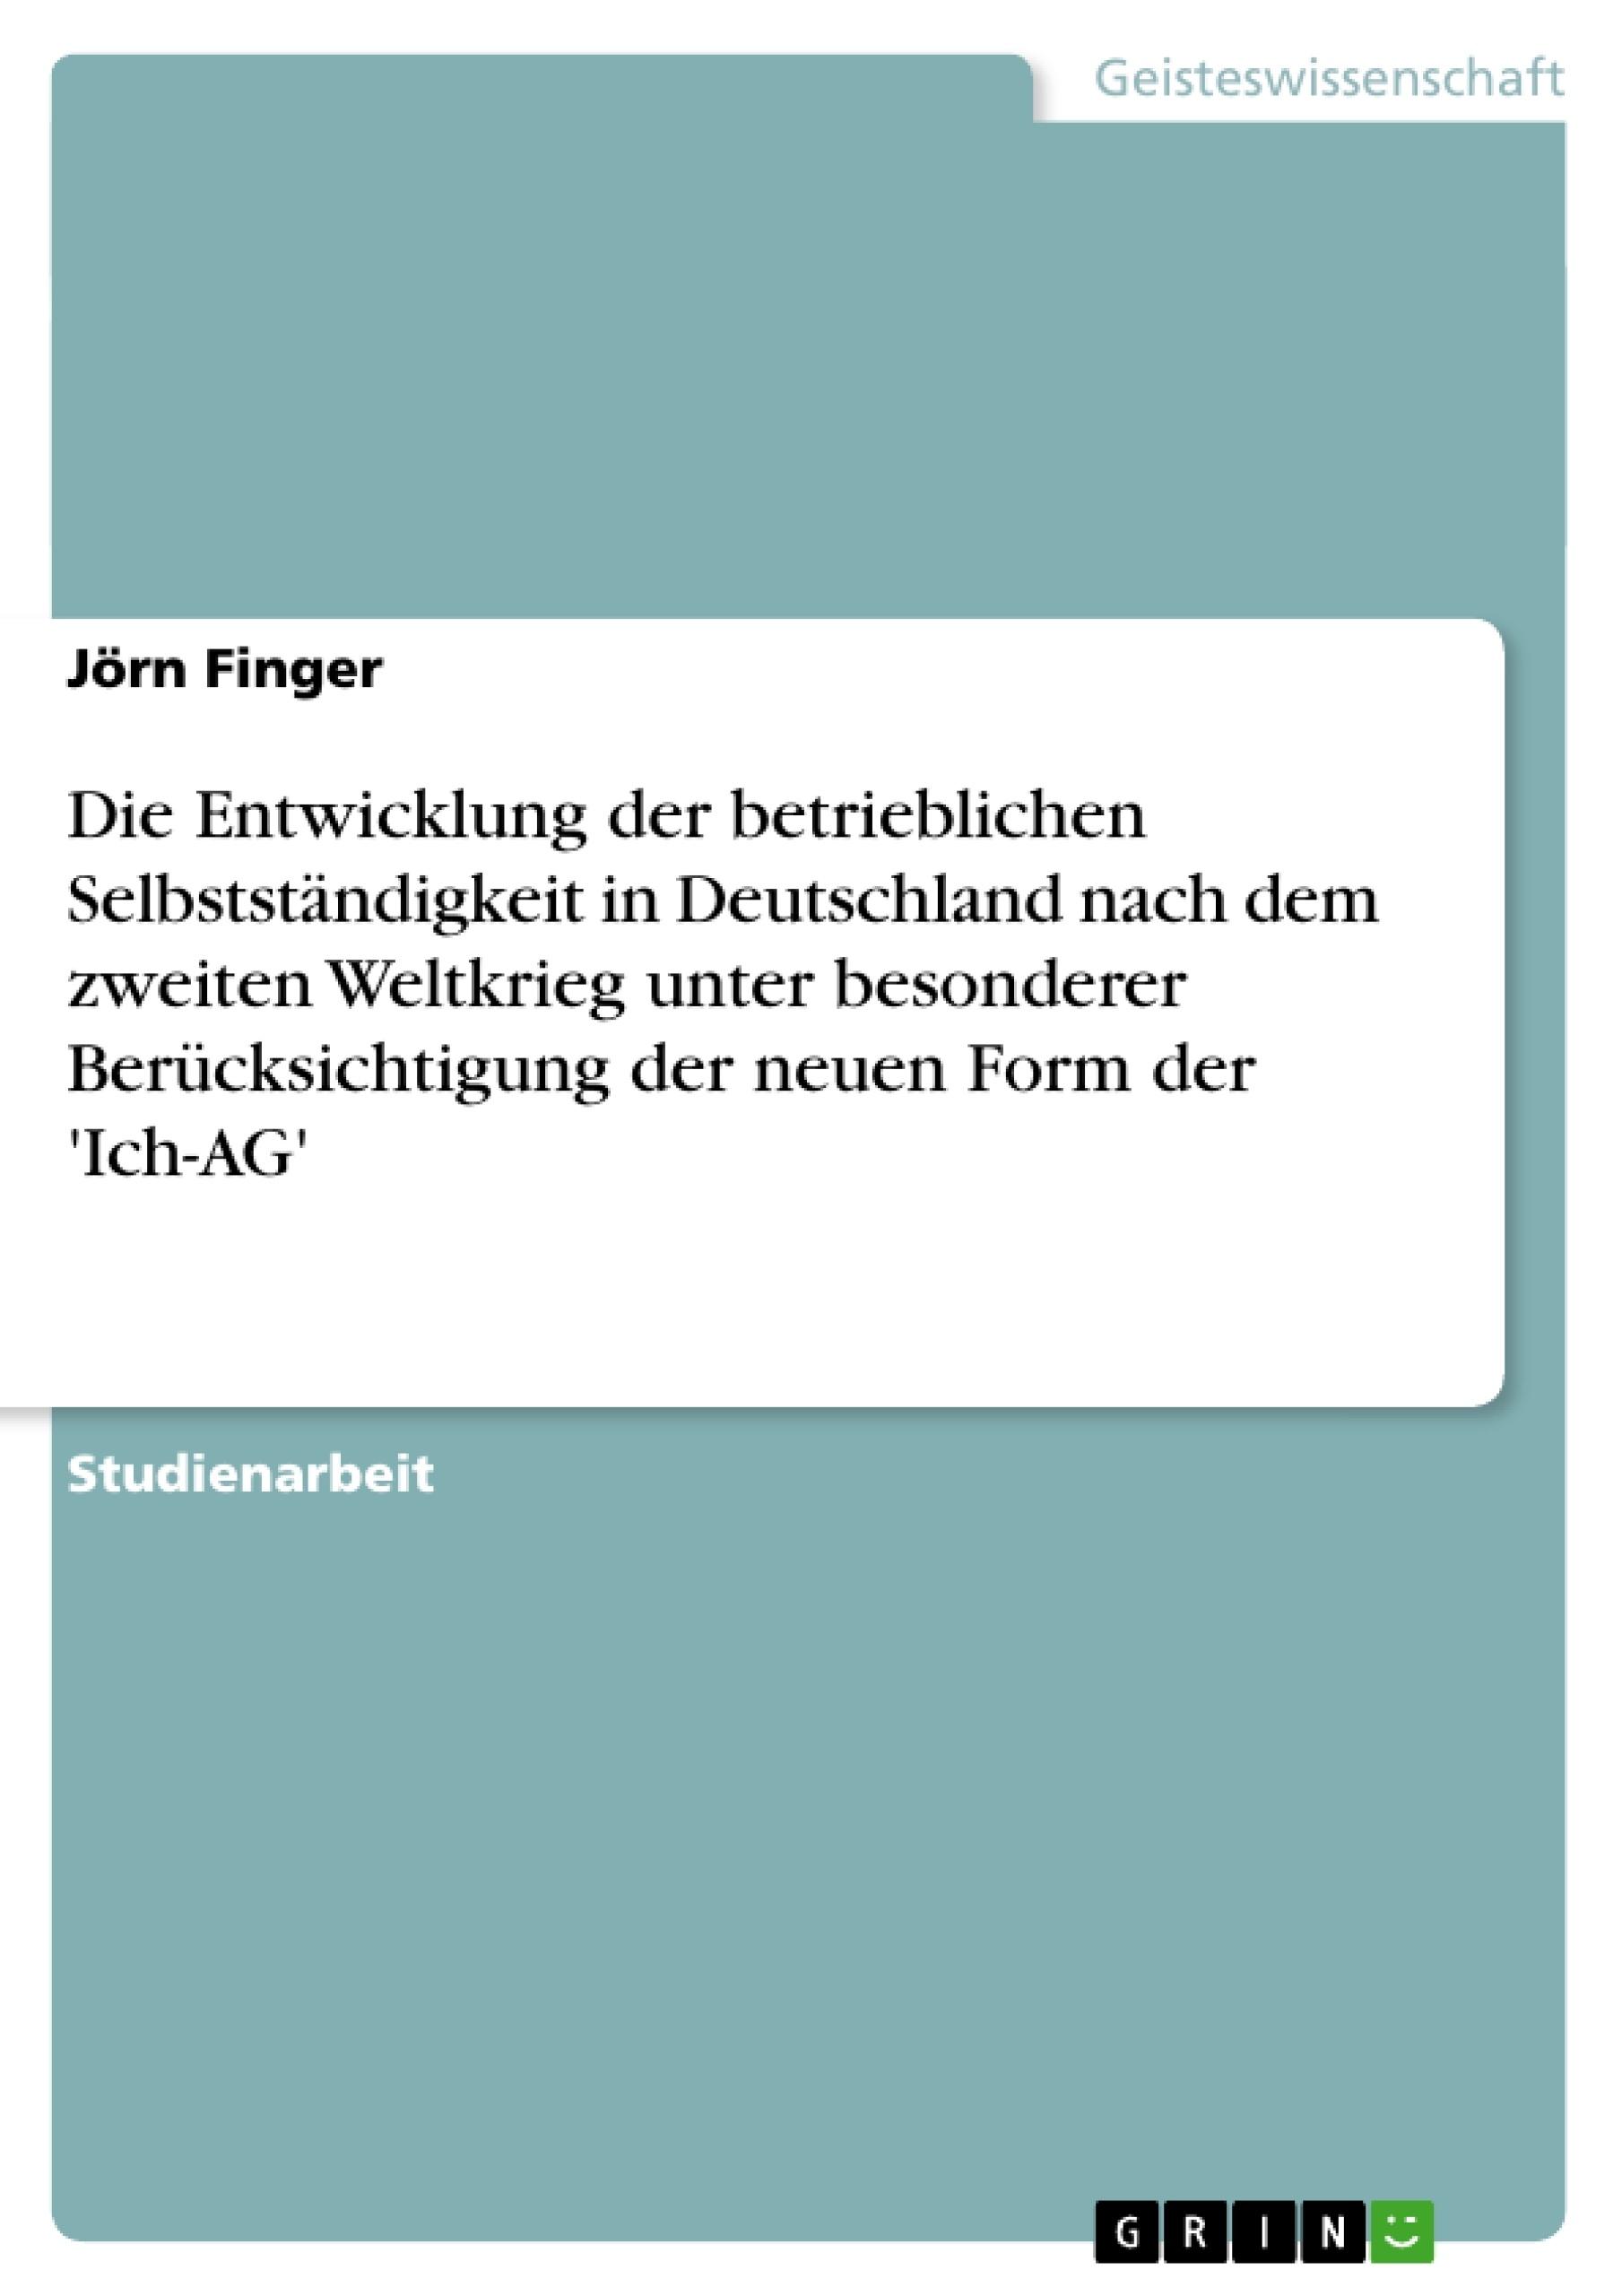 Titel: Die Entwicklung der betrieblichen Selbstständigkeit in Deutschland nach dem zweiten Weltkrieg unter besonderer Berücksichtigung der neuen Form der 'Ich-AG'